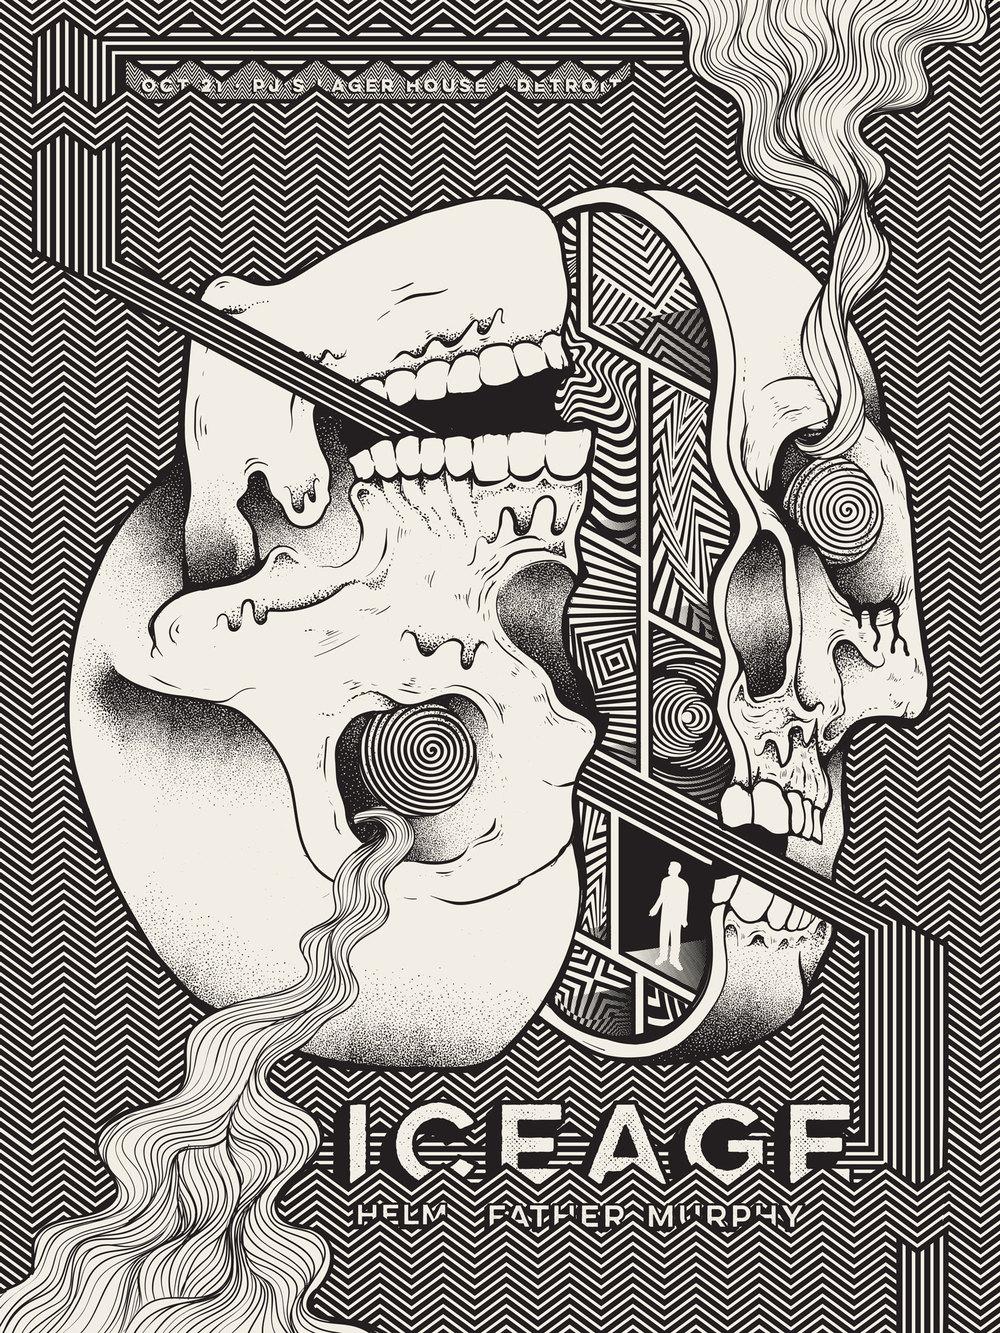 iceage_final_art.jpg